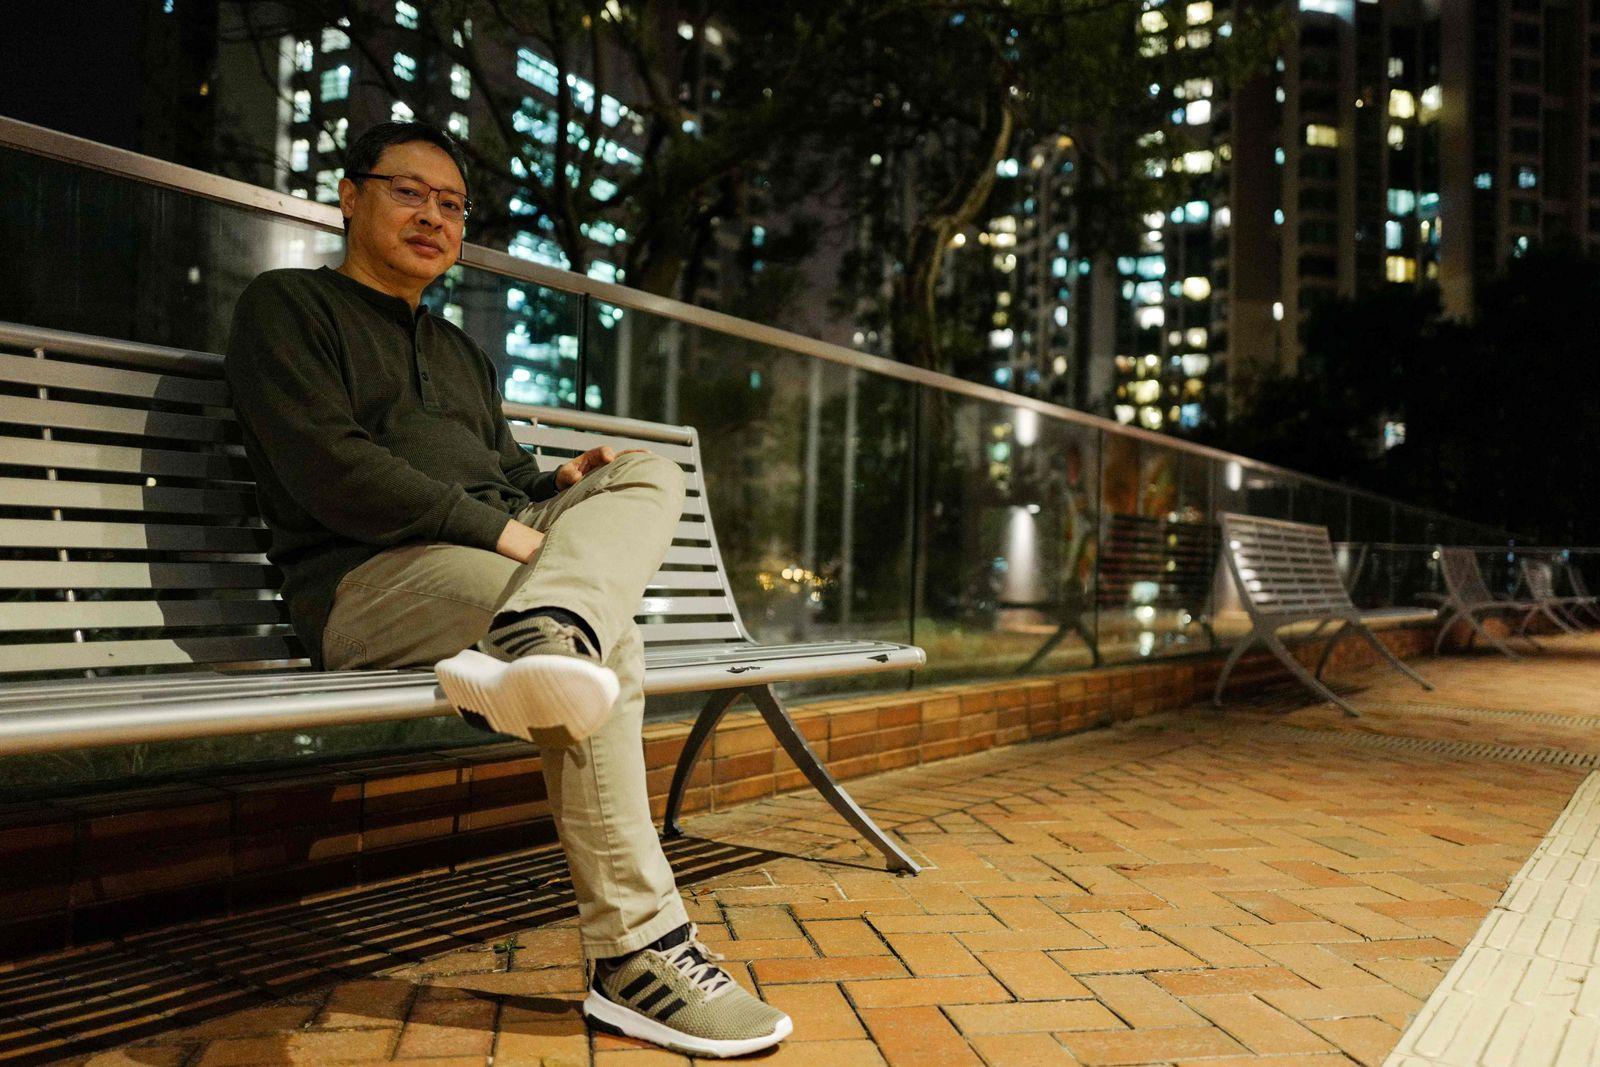 Benny Tai Demokratiebewegung Hongkong